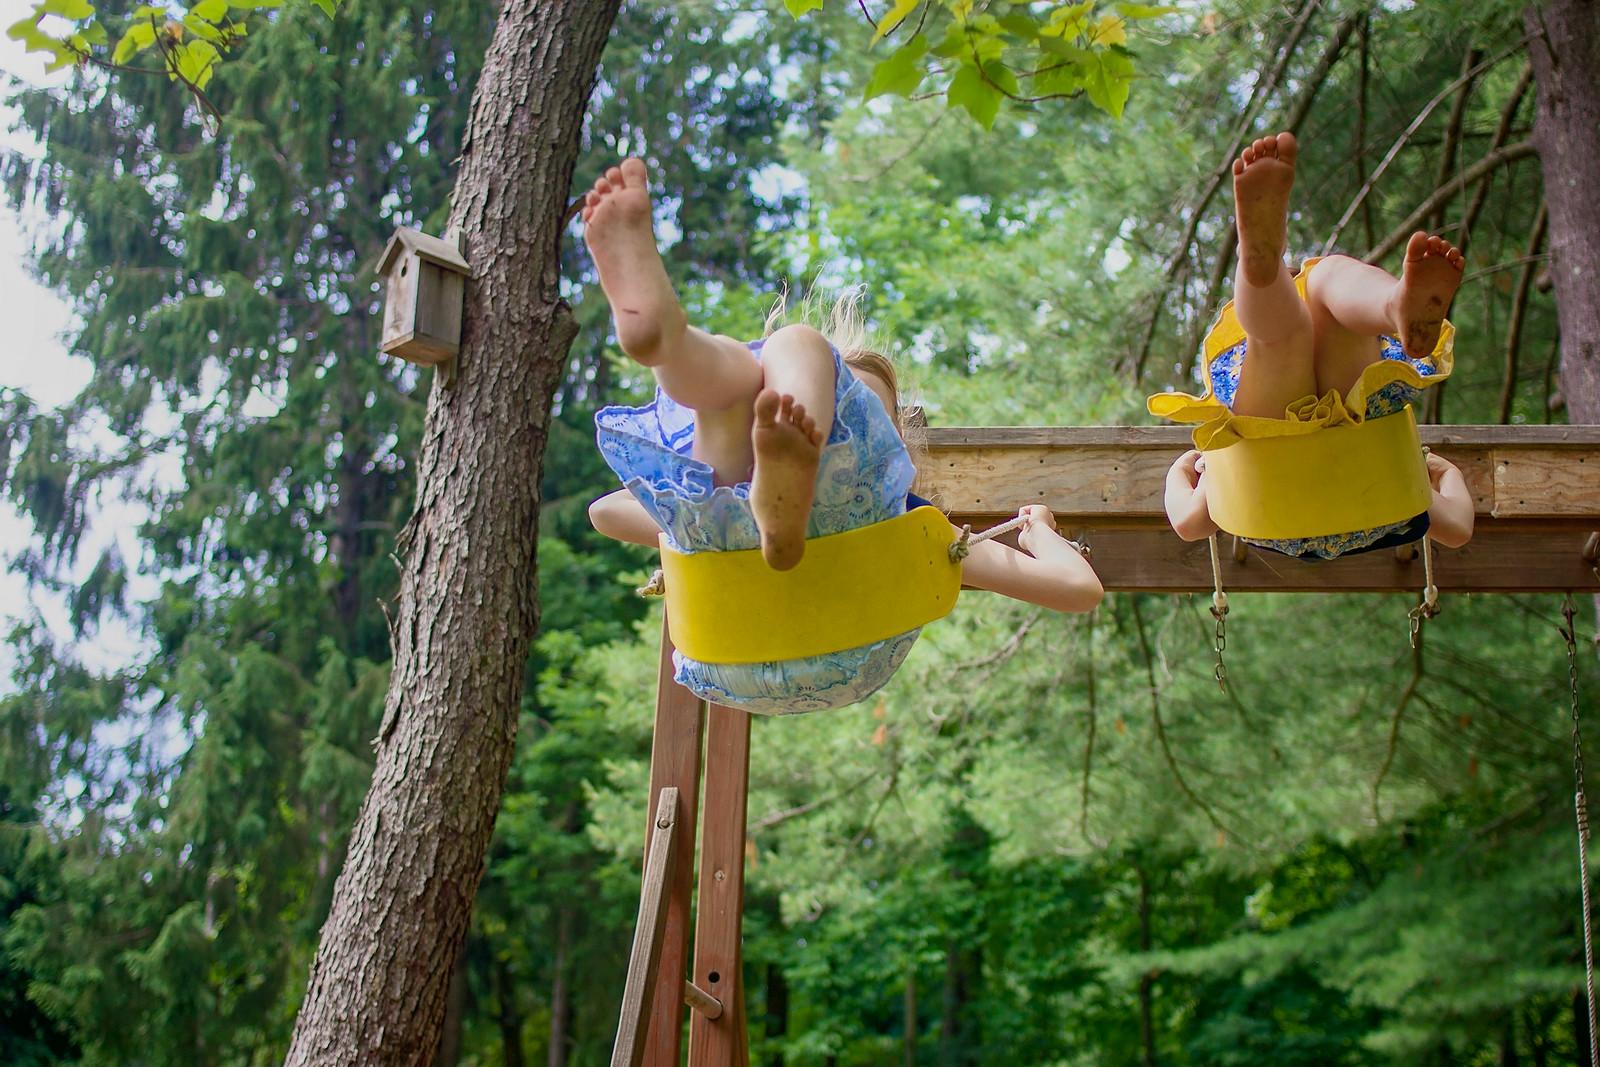 girls on swings, legs, summer